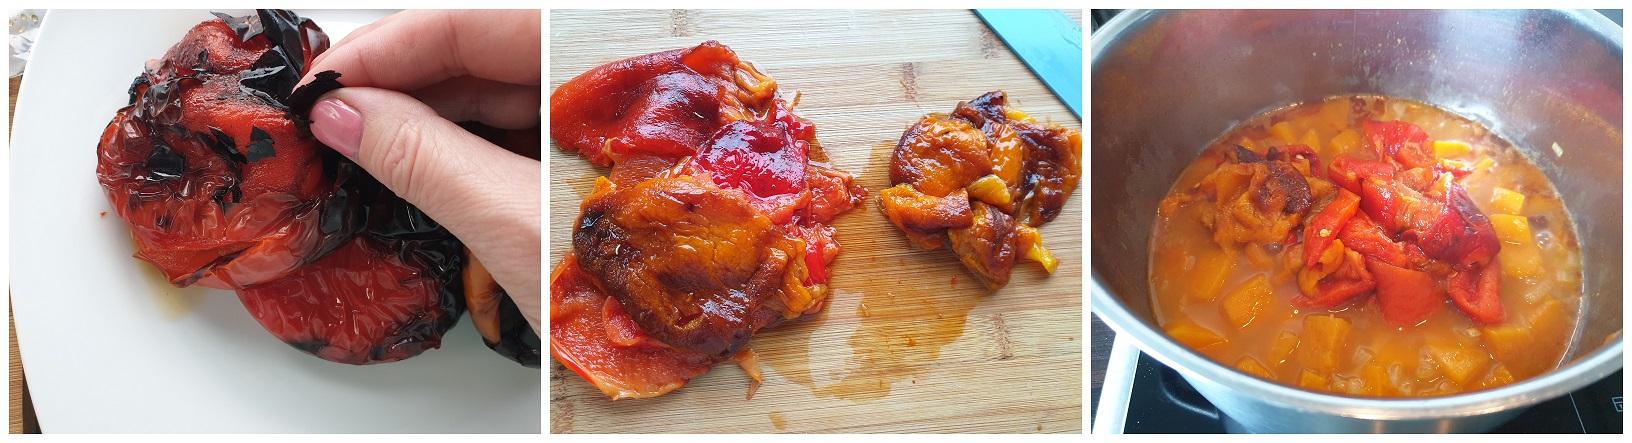 Vel van paprika halen, zaadjes verwijderen en in stukken snijden van de paprika